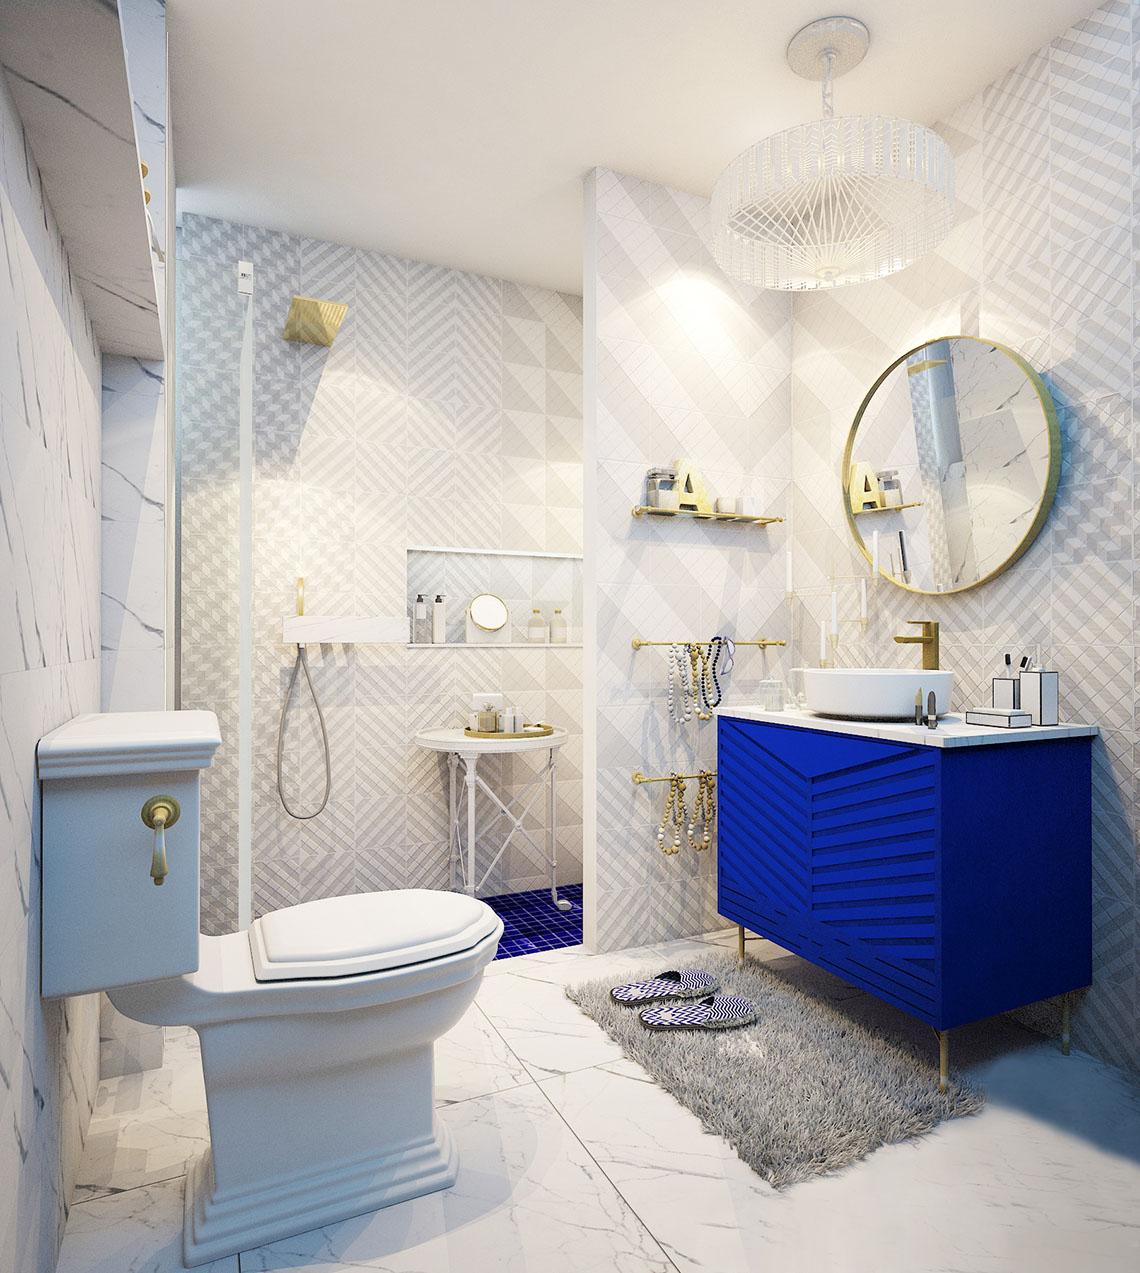 แบบห้องน้ำ โทนสีขาว ลวดลายกราฟฟิค เรียบหรูสะดุดตา